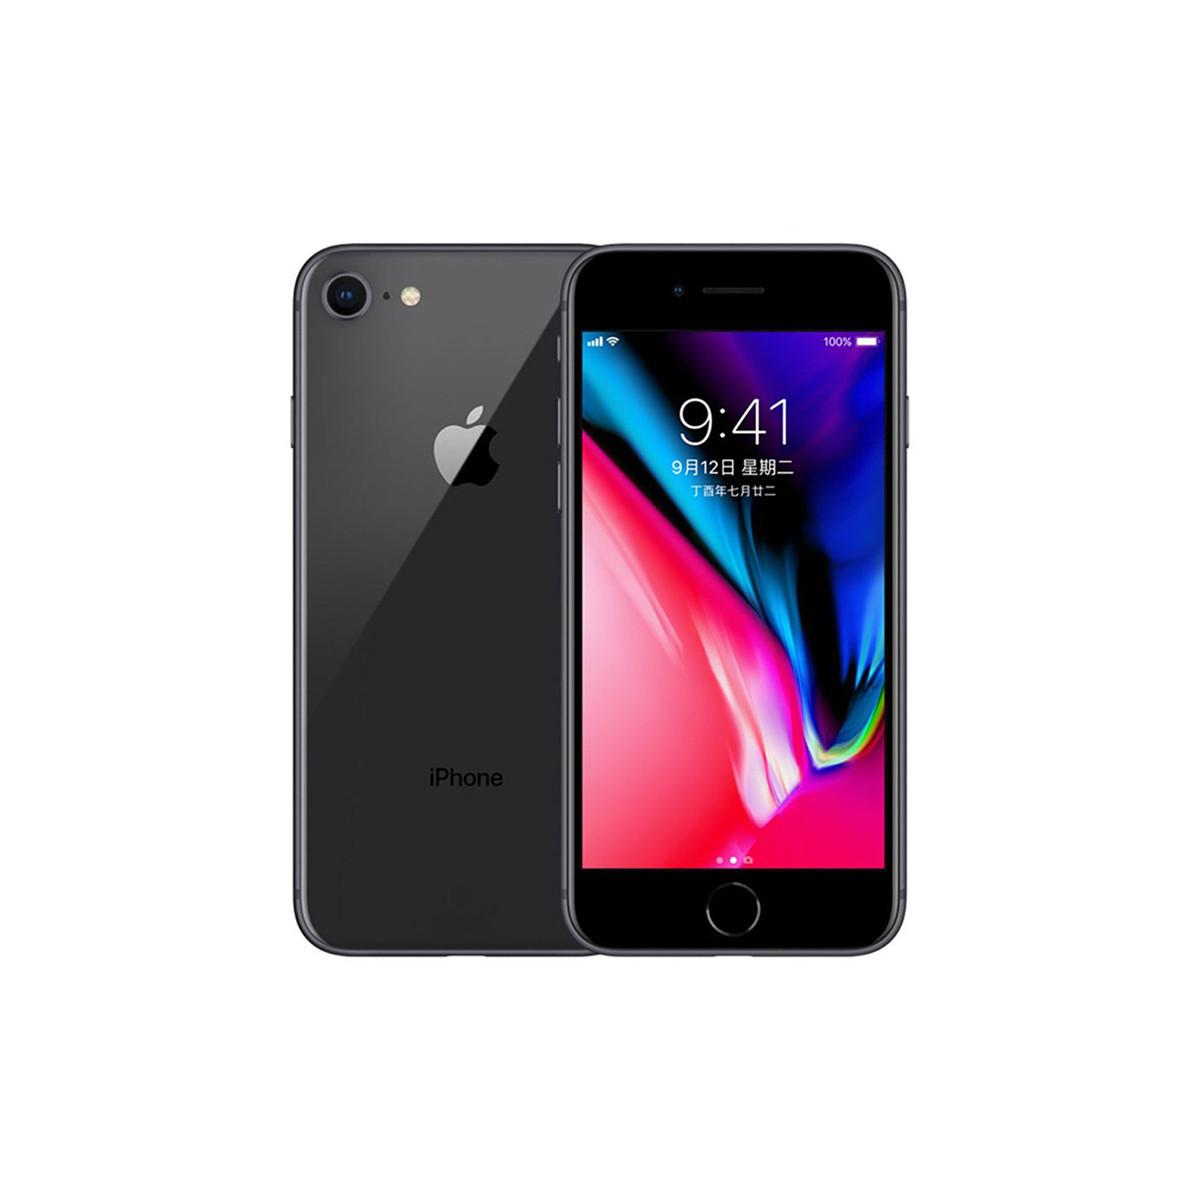 苹果iPhone 8【壳膜+懒人支架指环扣套餐】全网通 4G手机DFXYD-iPhone8深空灰